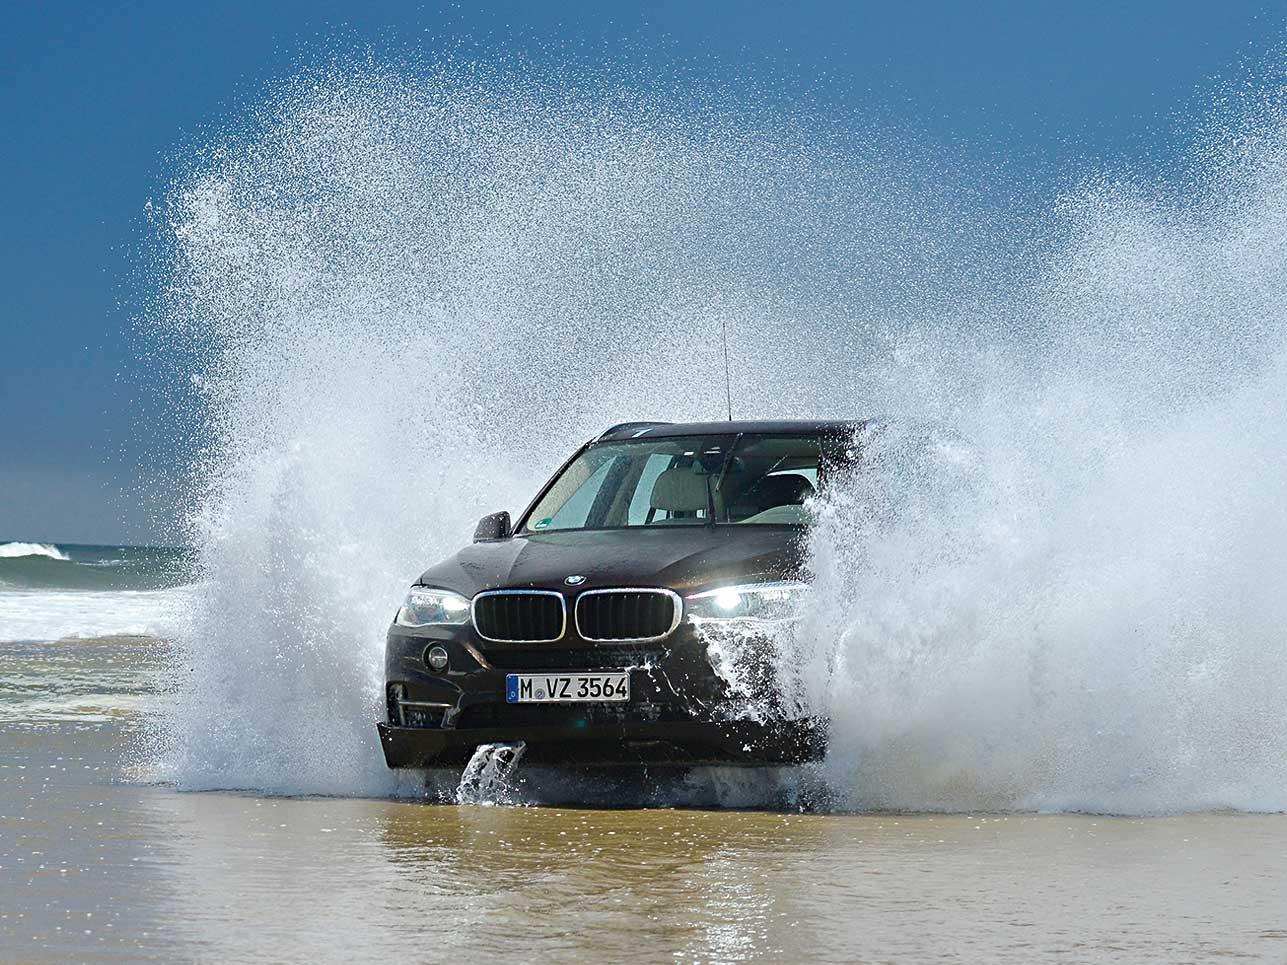 Bei Wasser kennt der BMW kein Pardon, doch sollte das eher die Ausnahme sein.